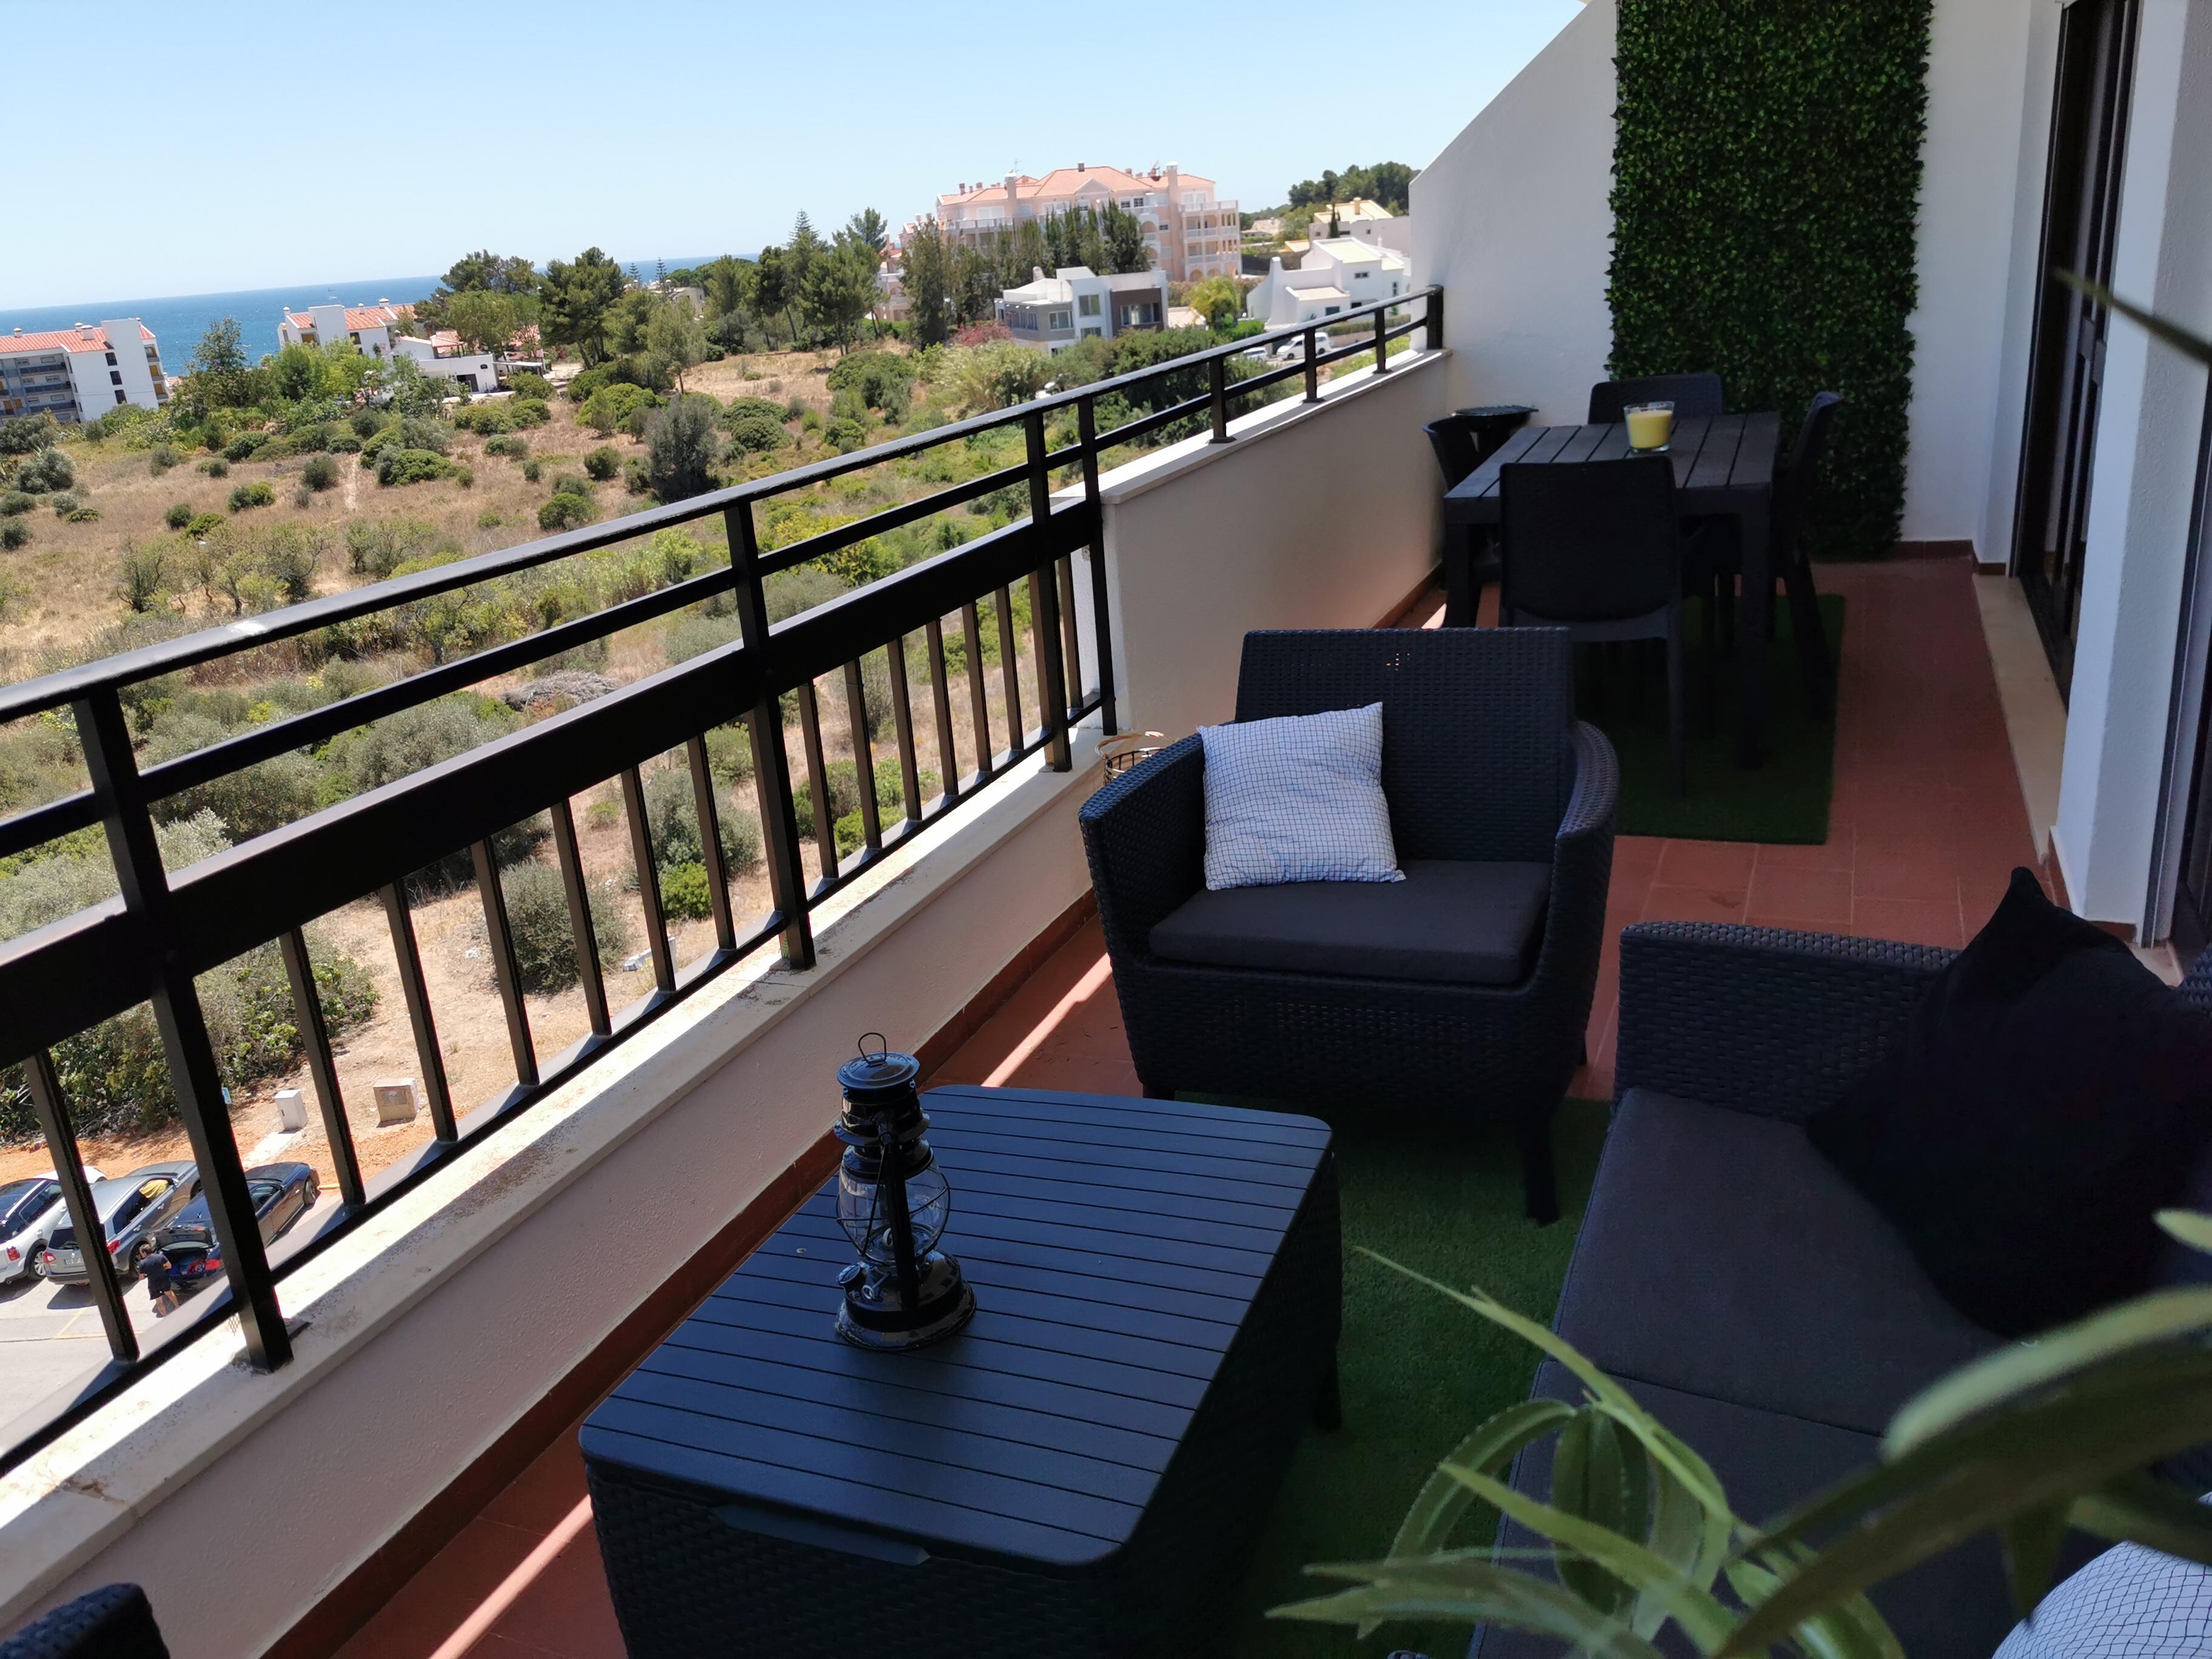 Location appartements et villas de vacance, T1 Encosta do Vau à Portimão, Portugal Algarve, REF_IMG_11603_11624